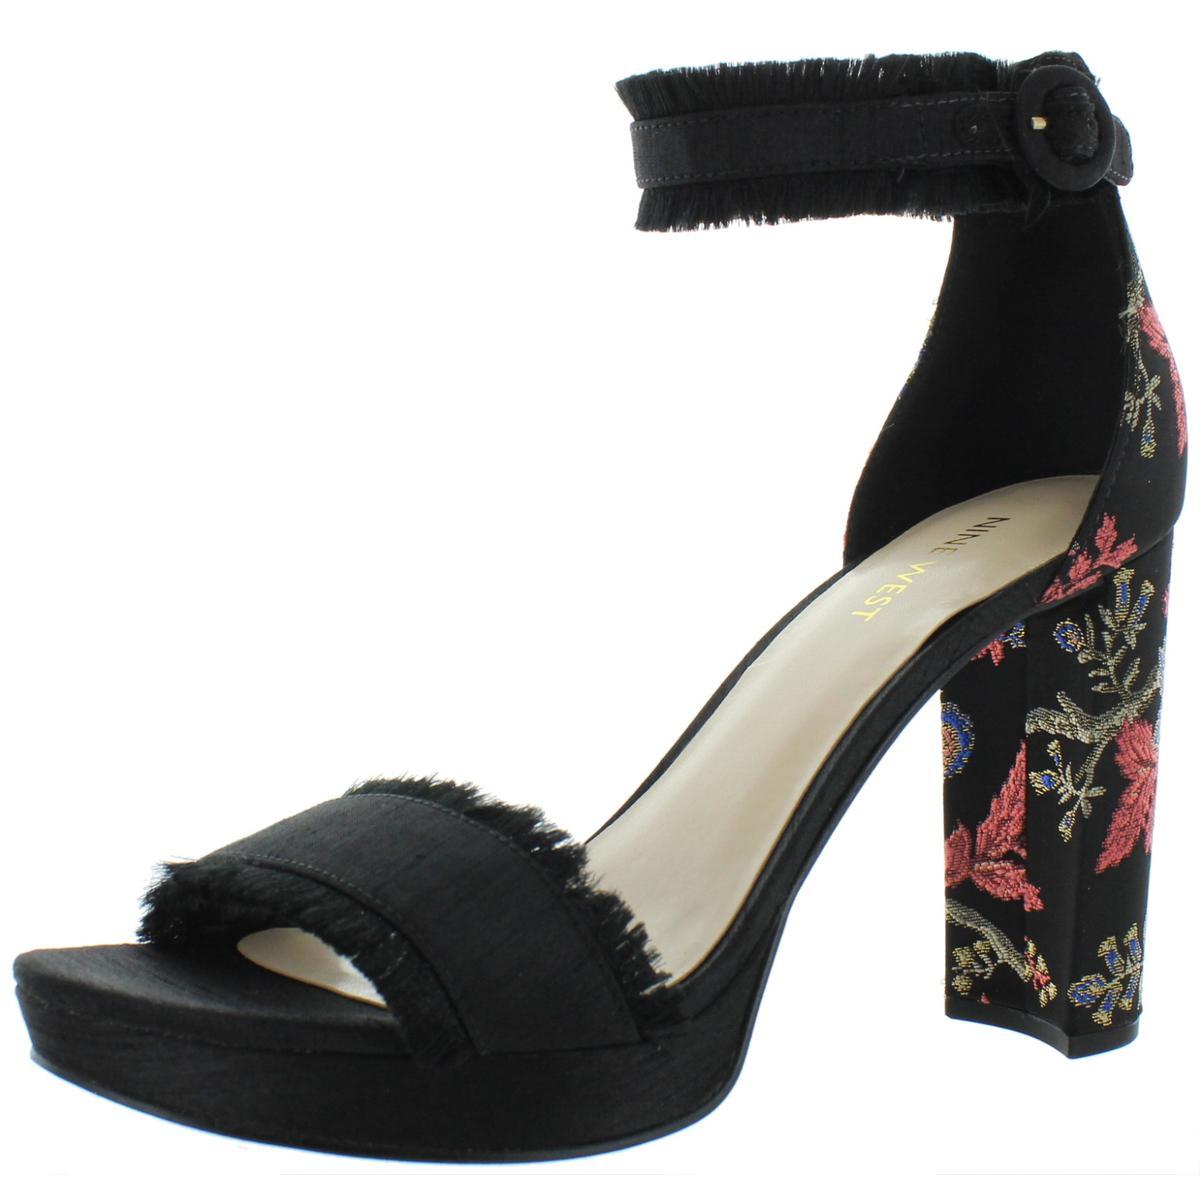 Nine West Womens Kushala Nubuck Espadrille Wedge Sandals Shoes BHFO 7013